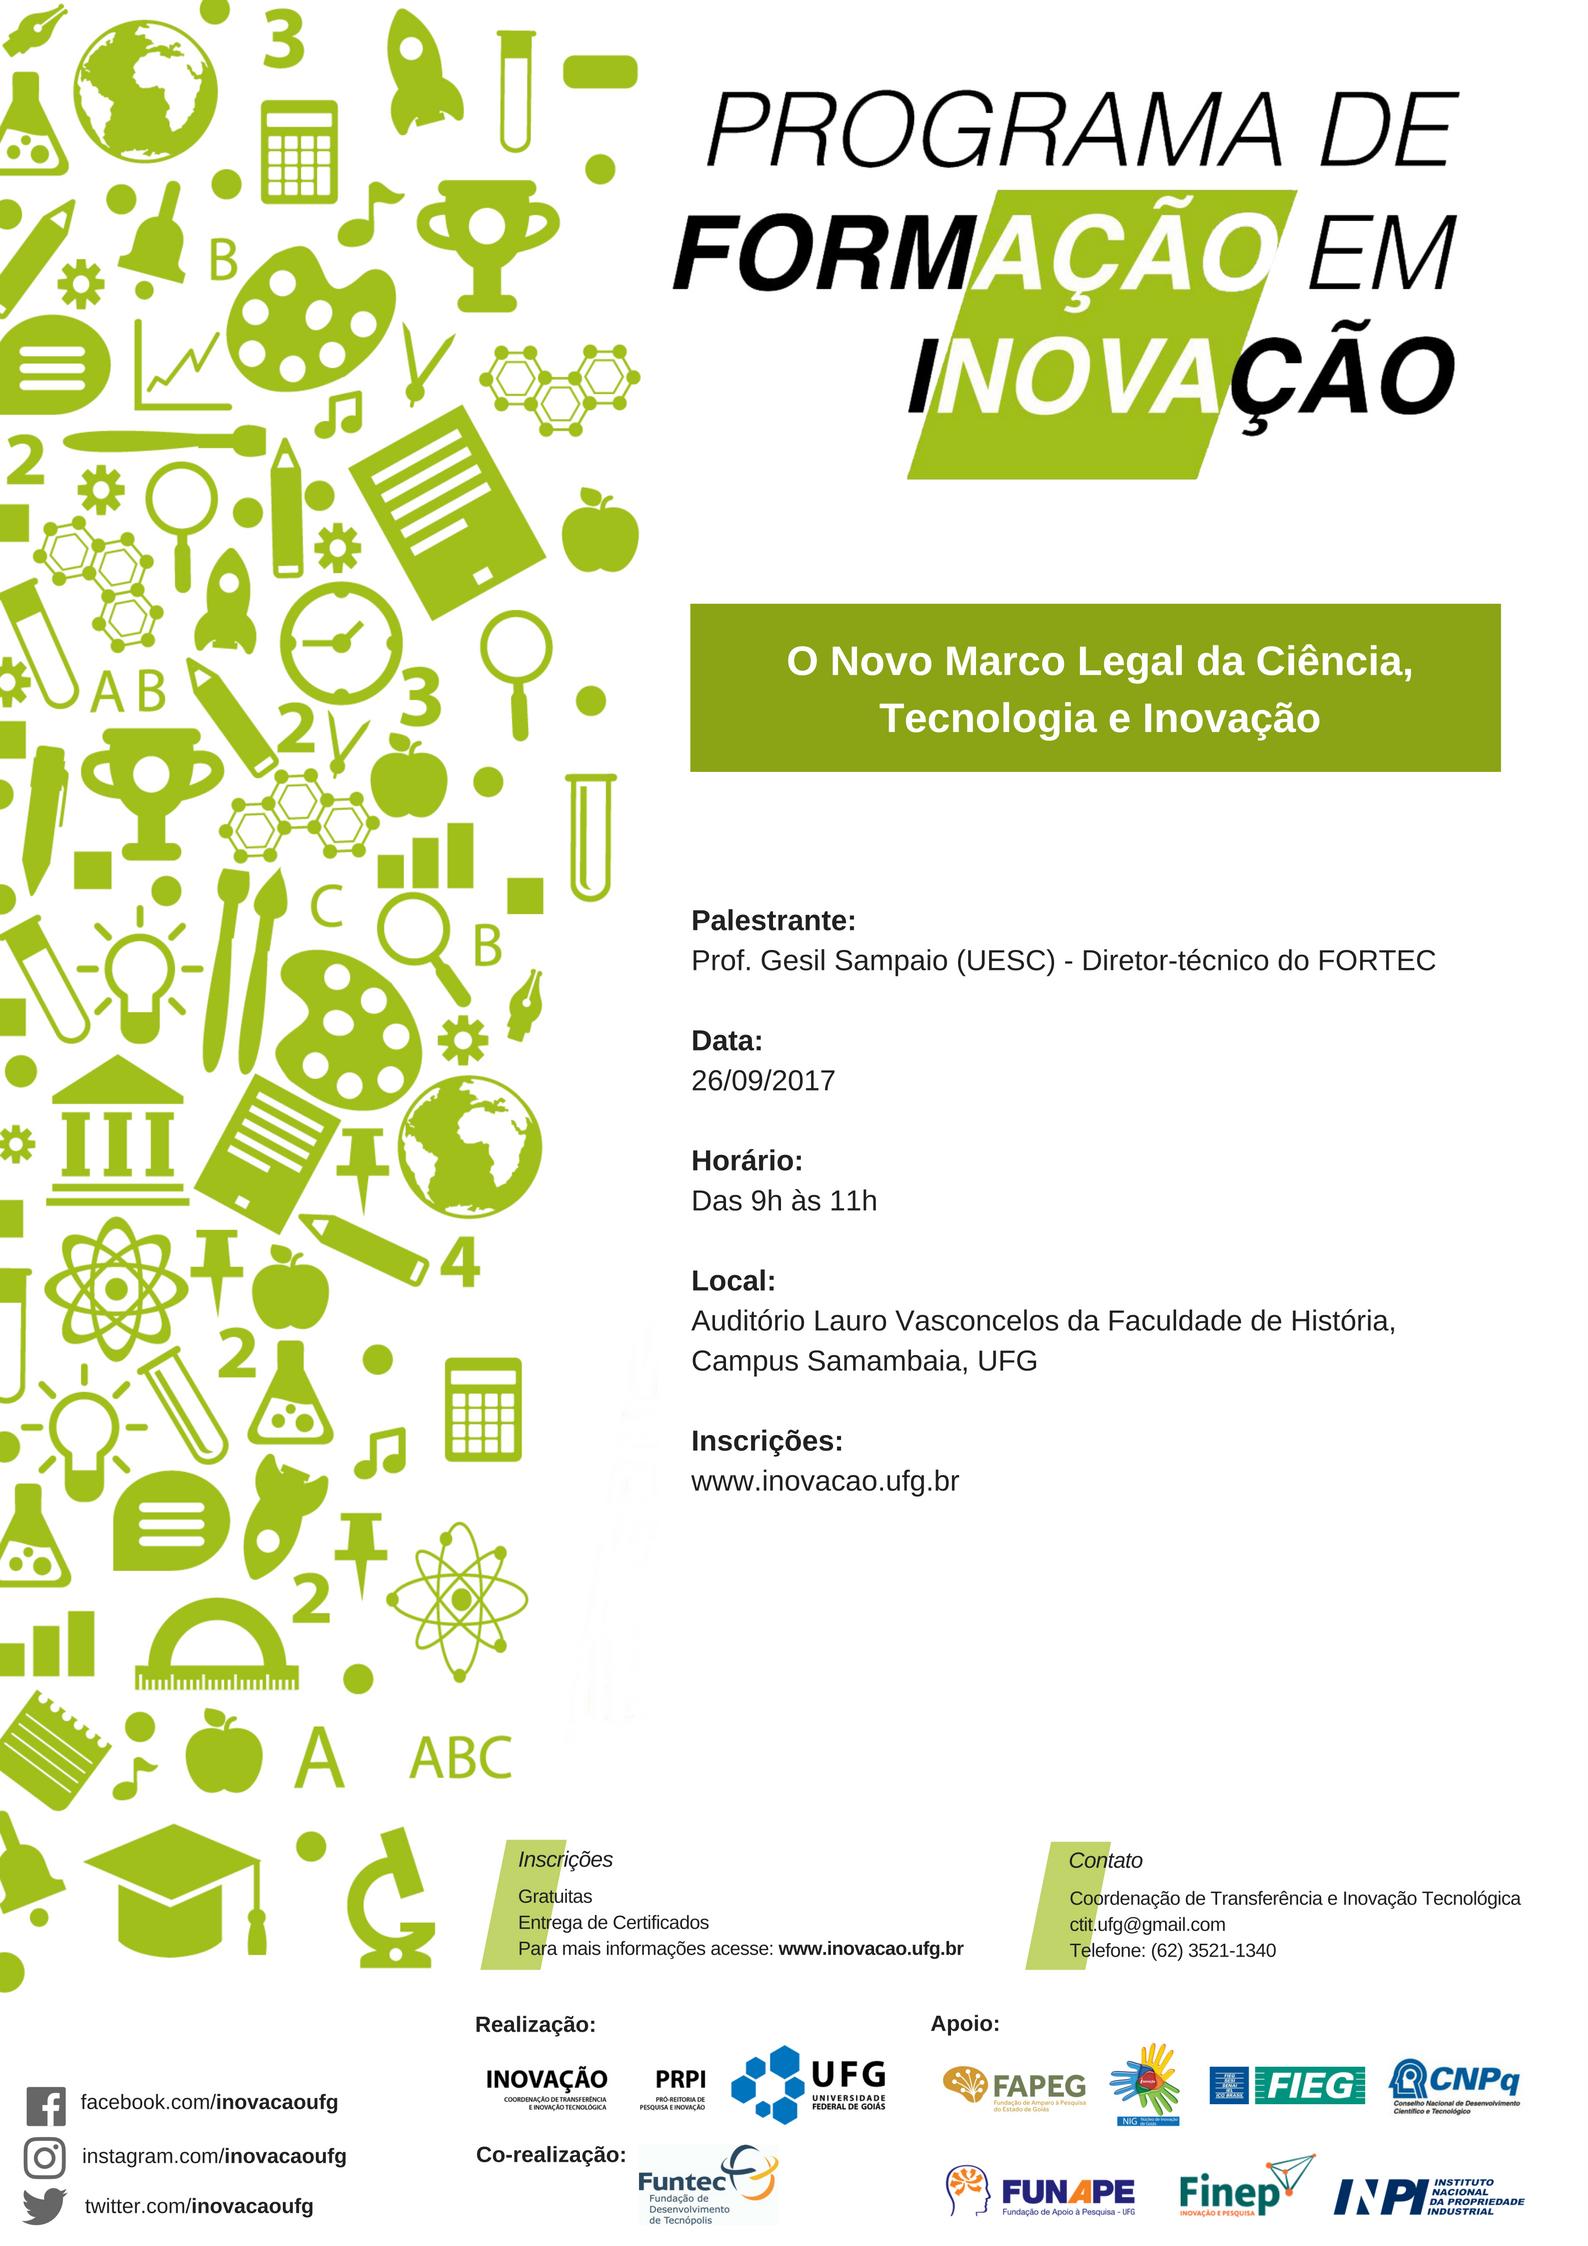 Cartaz - O Novo Marco Legal da Ciência, Tecnologia e Inovação